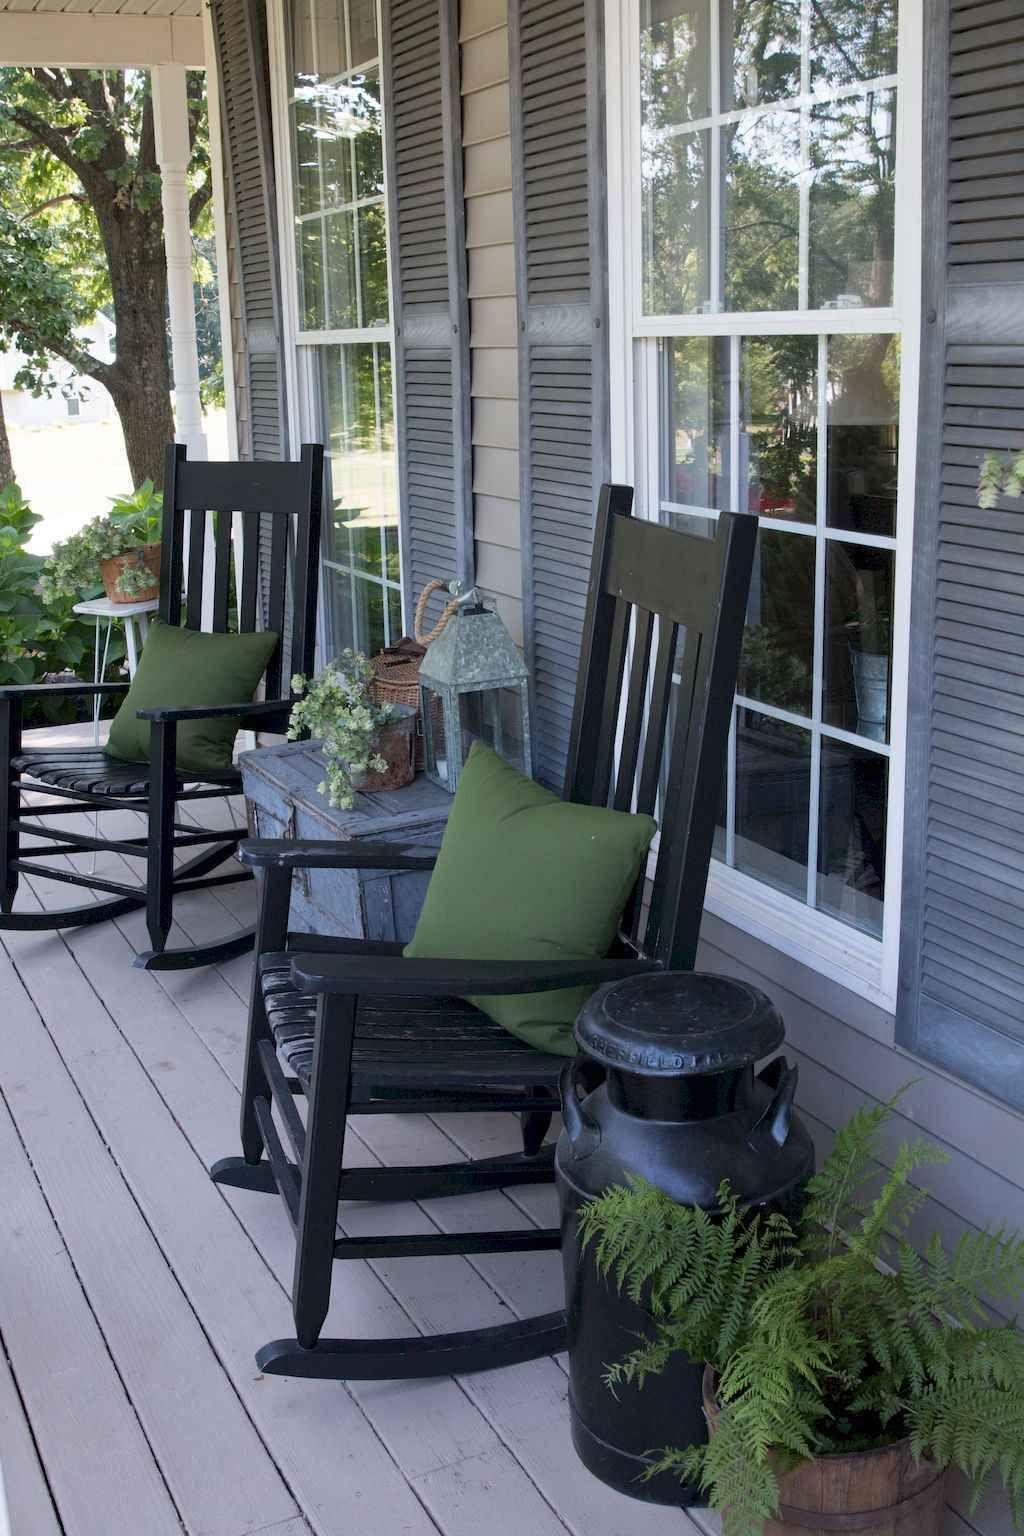 52 Farmhouse Front Porch Decor Ideas Homekover Front Porch Decorating Front Porch Seating Porch Decorating